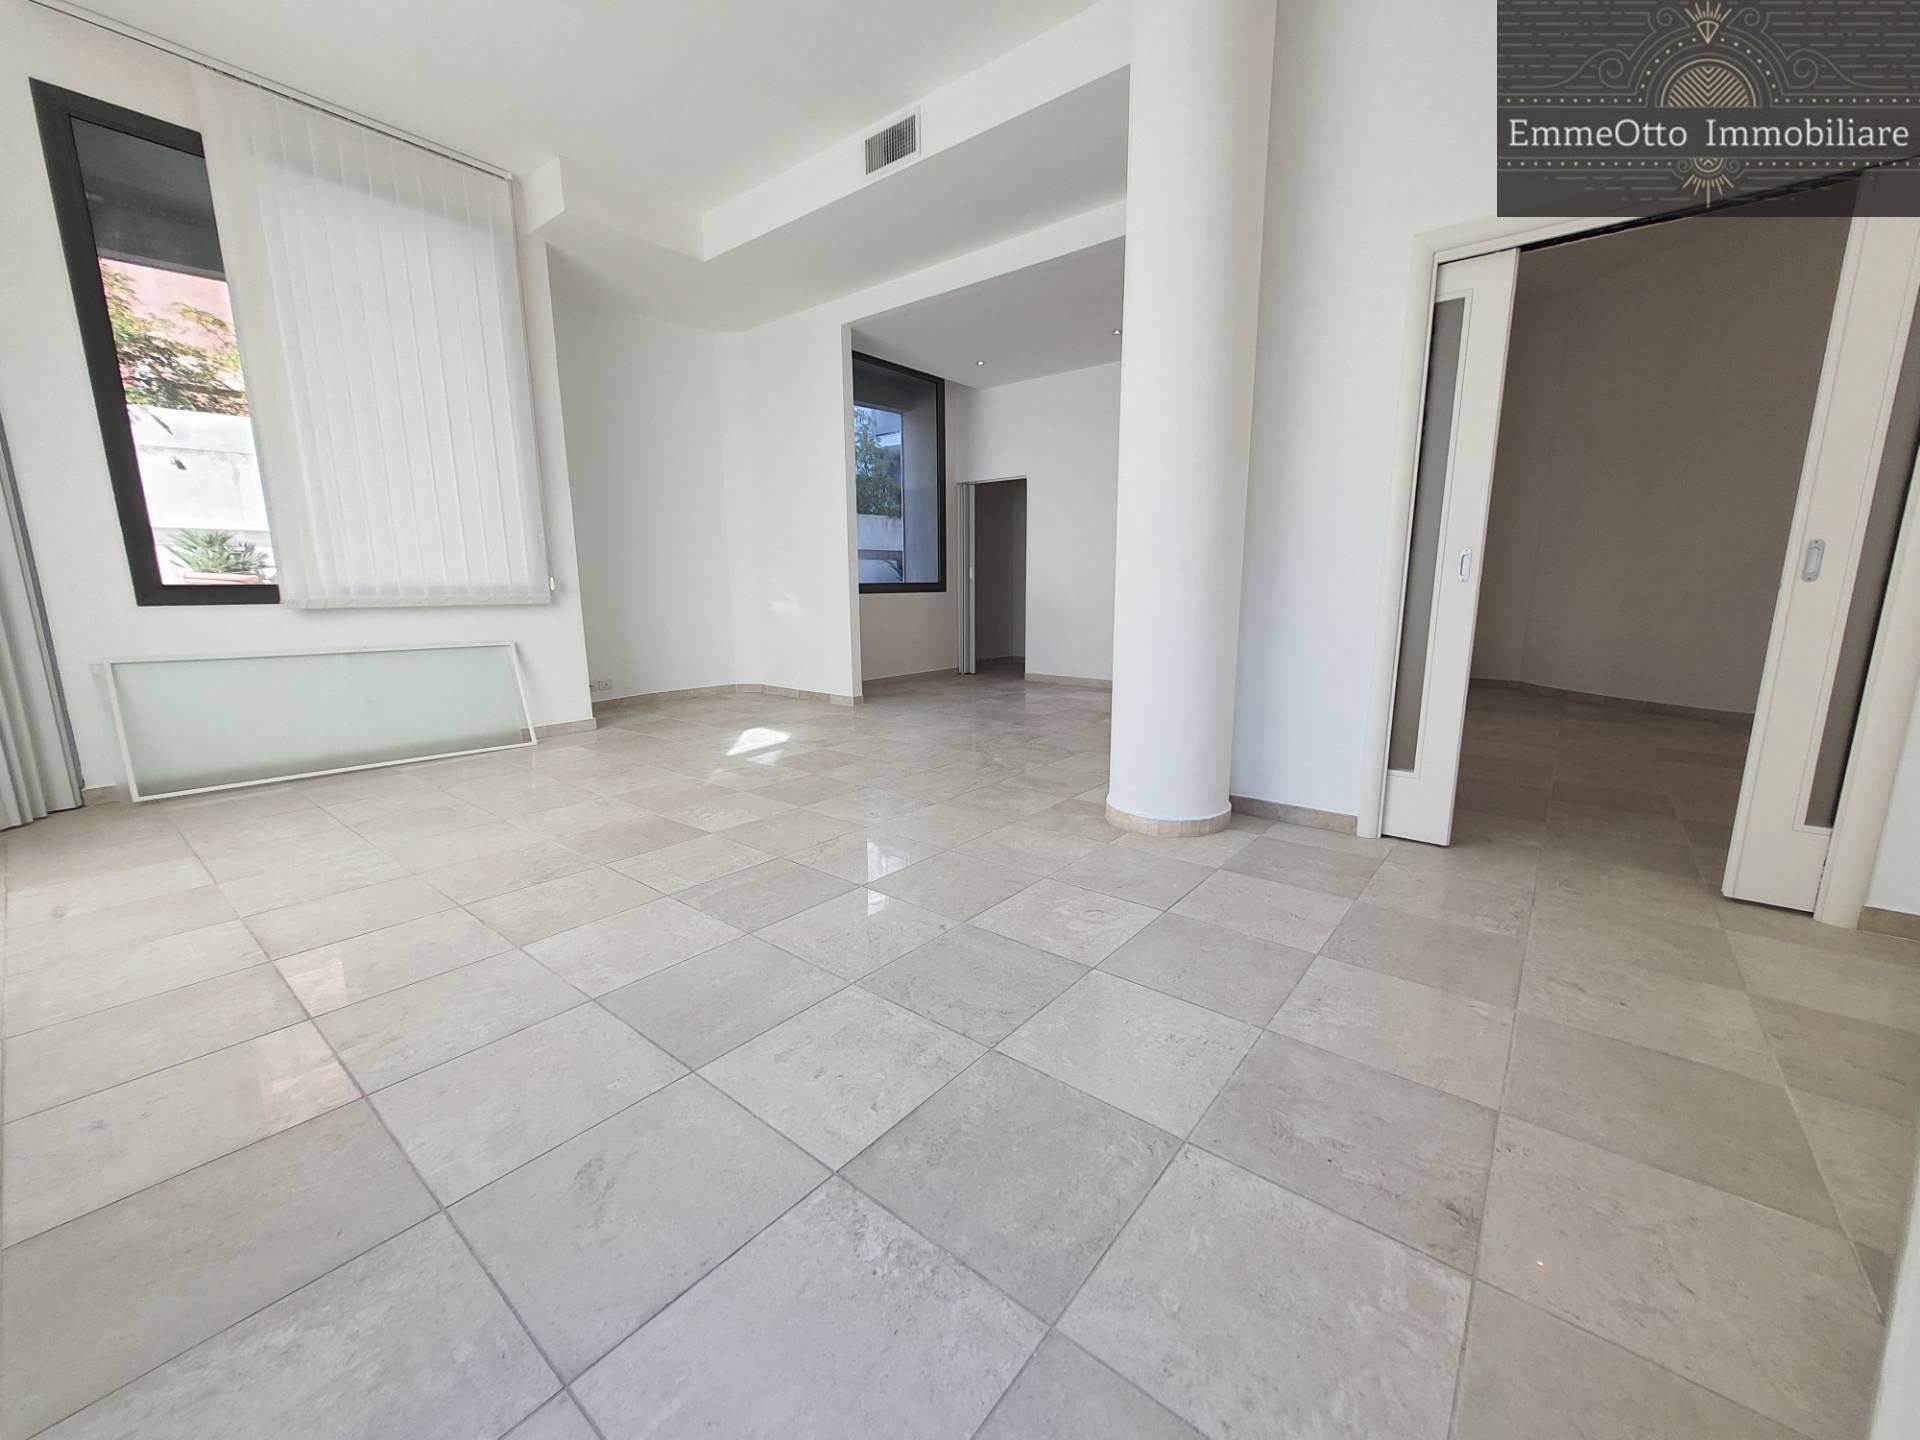 Fondo commerciale in affitto a Cagliari (CA)